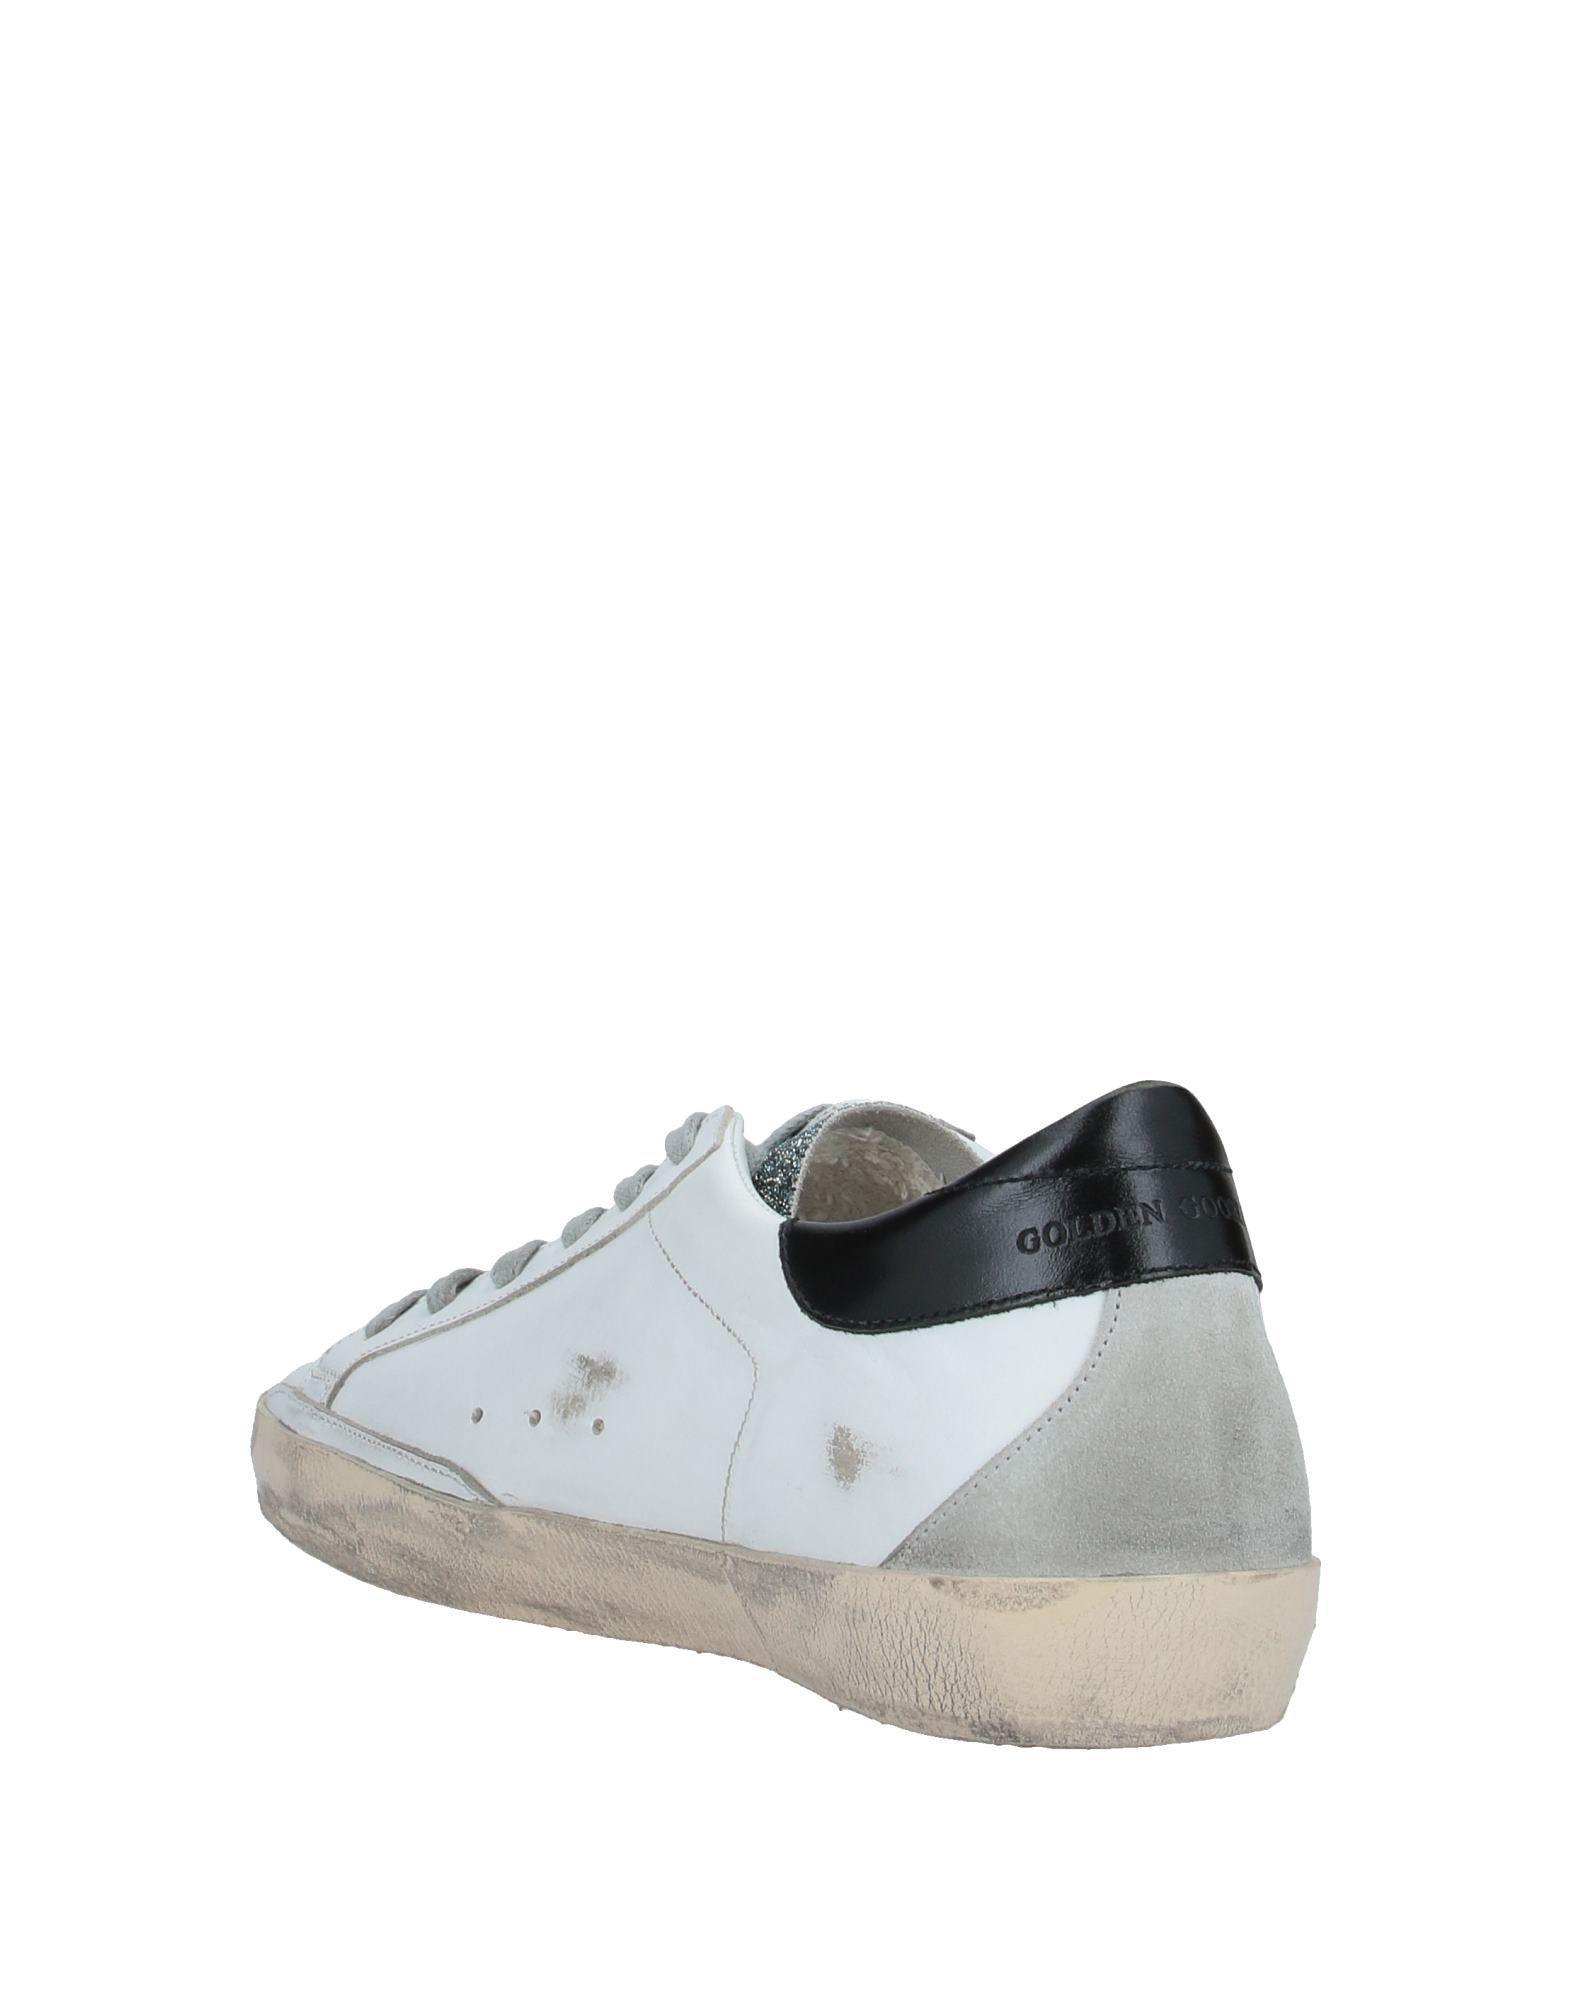 Sneakers & Deportivas Golden Goose Deluxe Brand de color Blanco